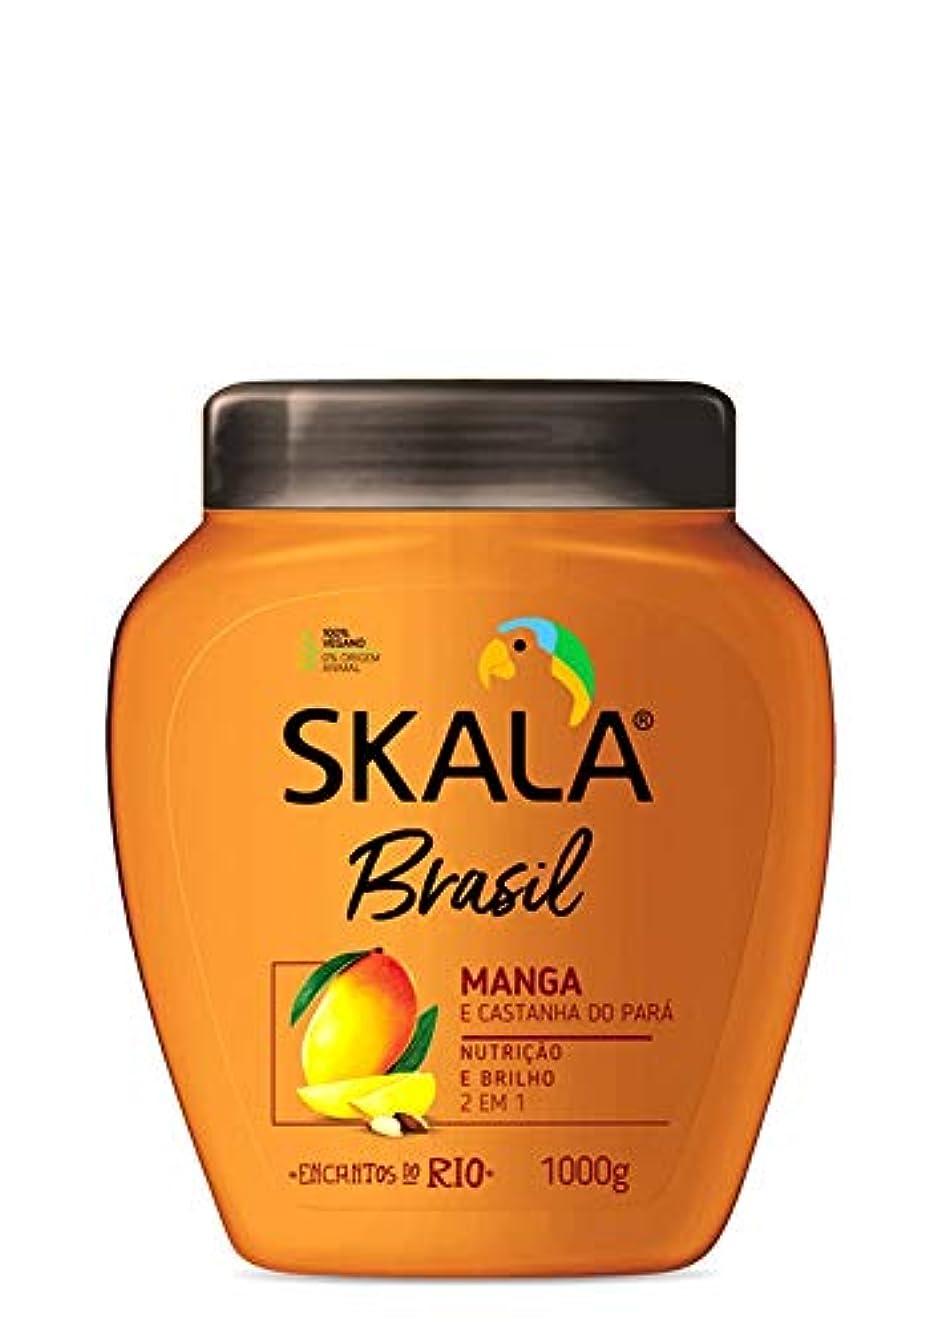 象アルファベット順レビューSkala Brasil スカラブラジル マンゴー&パラ栗 オールヘア用 2イン1 トリートメントクリーム 1kg